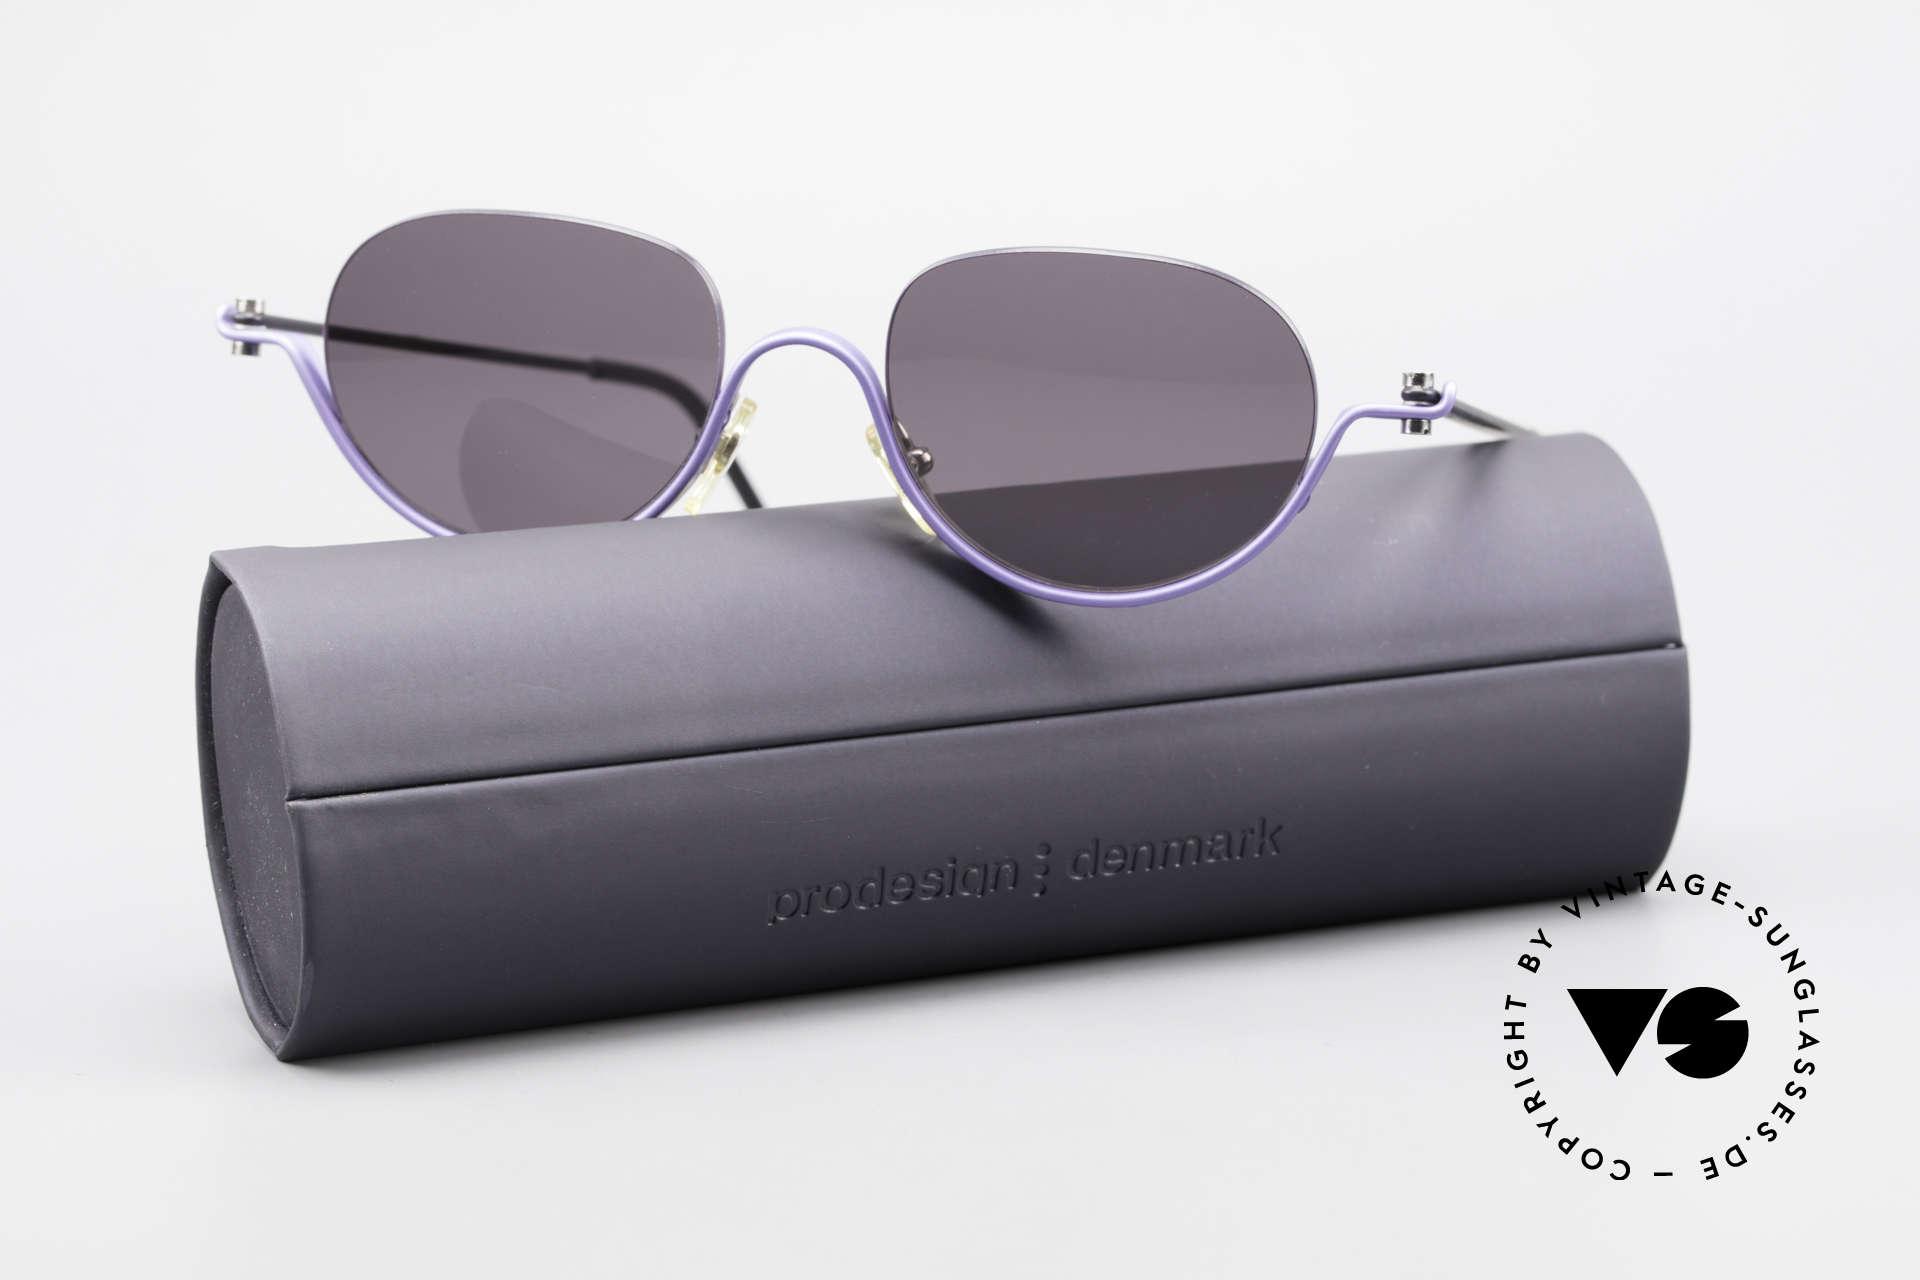 ProDesign No8 Gail Spence Designer Brille, Größe: medium, Passend für Damen